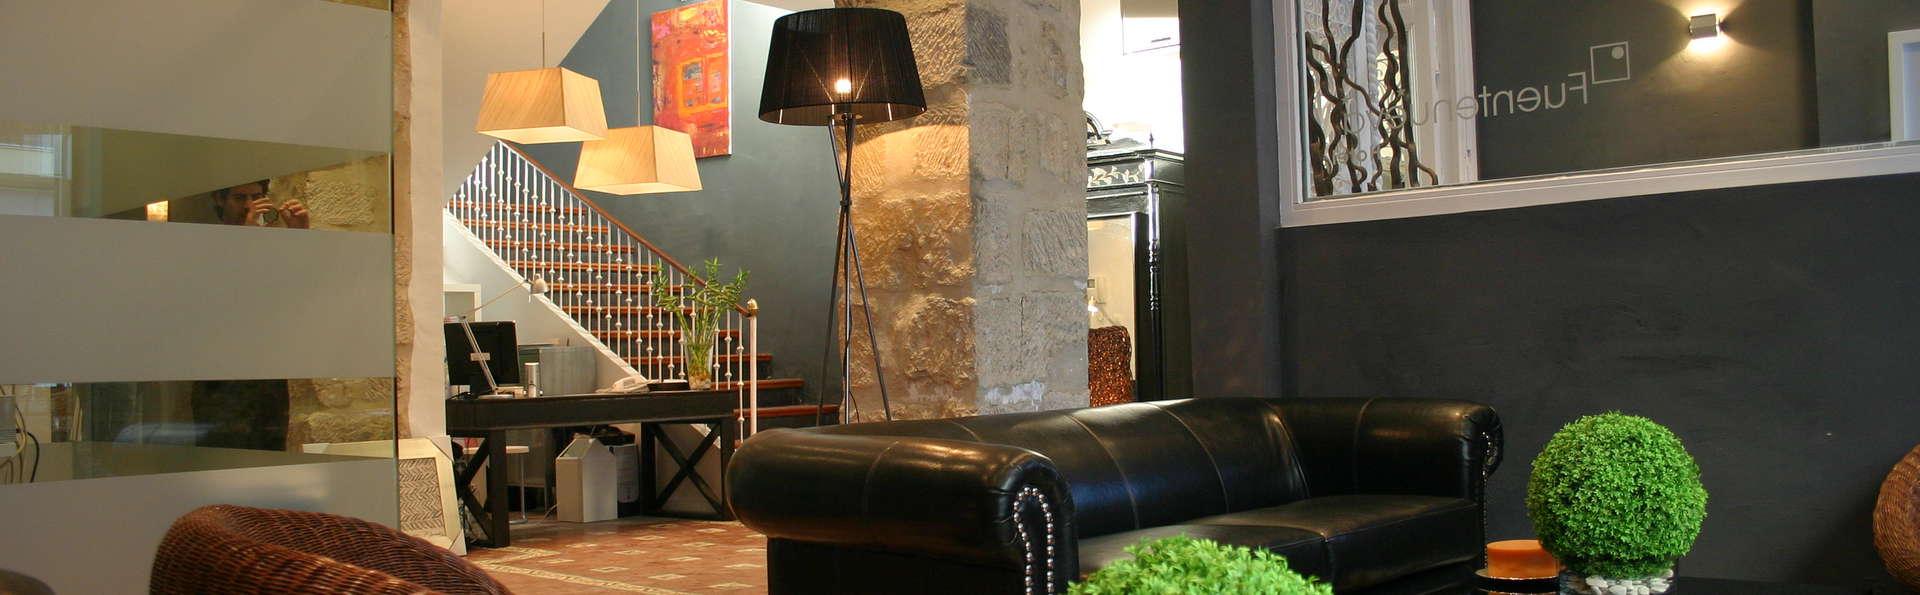 Hotel Fuentenueva - hall_jpg